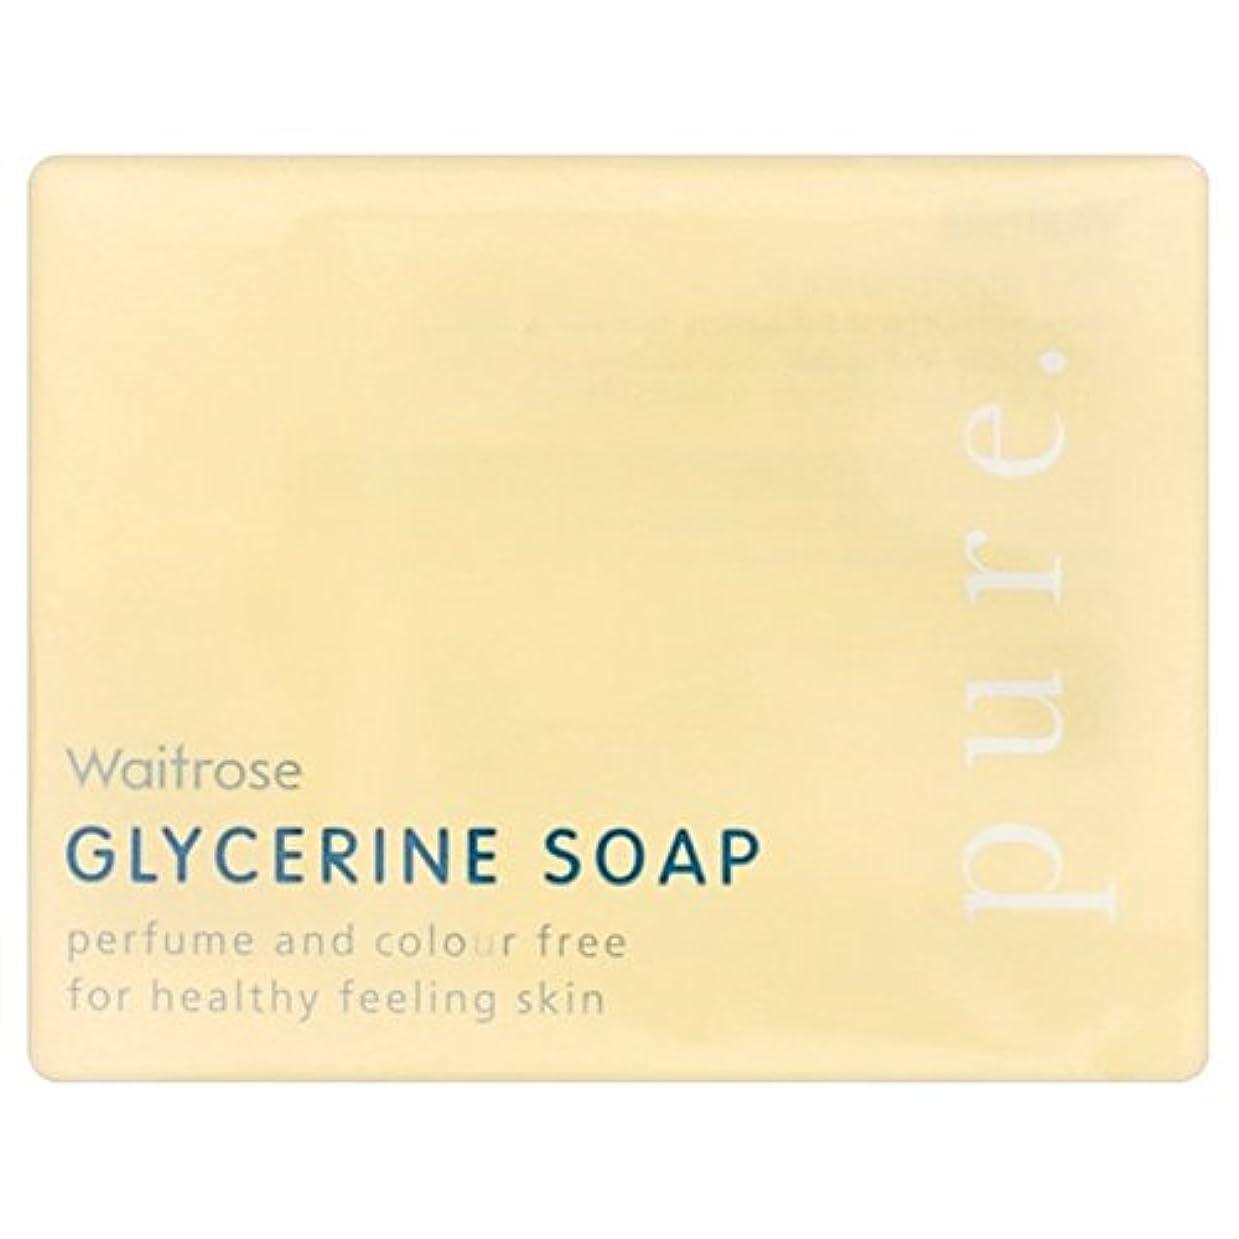 理由リーダーシップアクチュエータ純粋なグリセリンソープウェイトローズの100グラム x4 - Pure Glycerine Soap Waitrose 100g (Pack of 4) [並行輸入品]